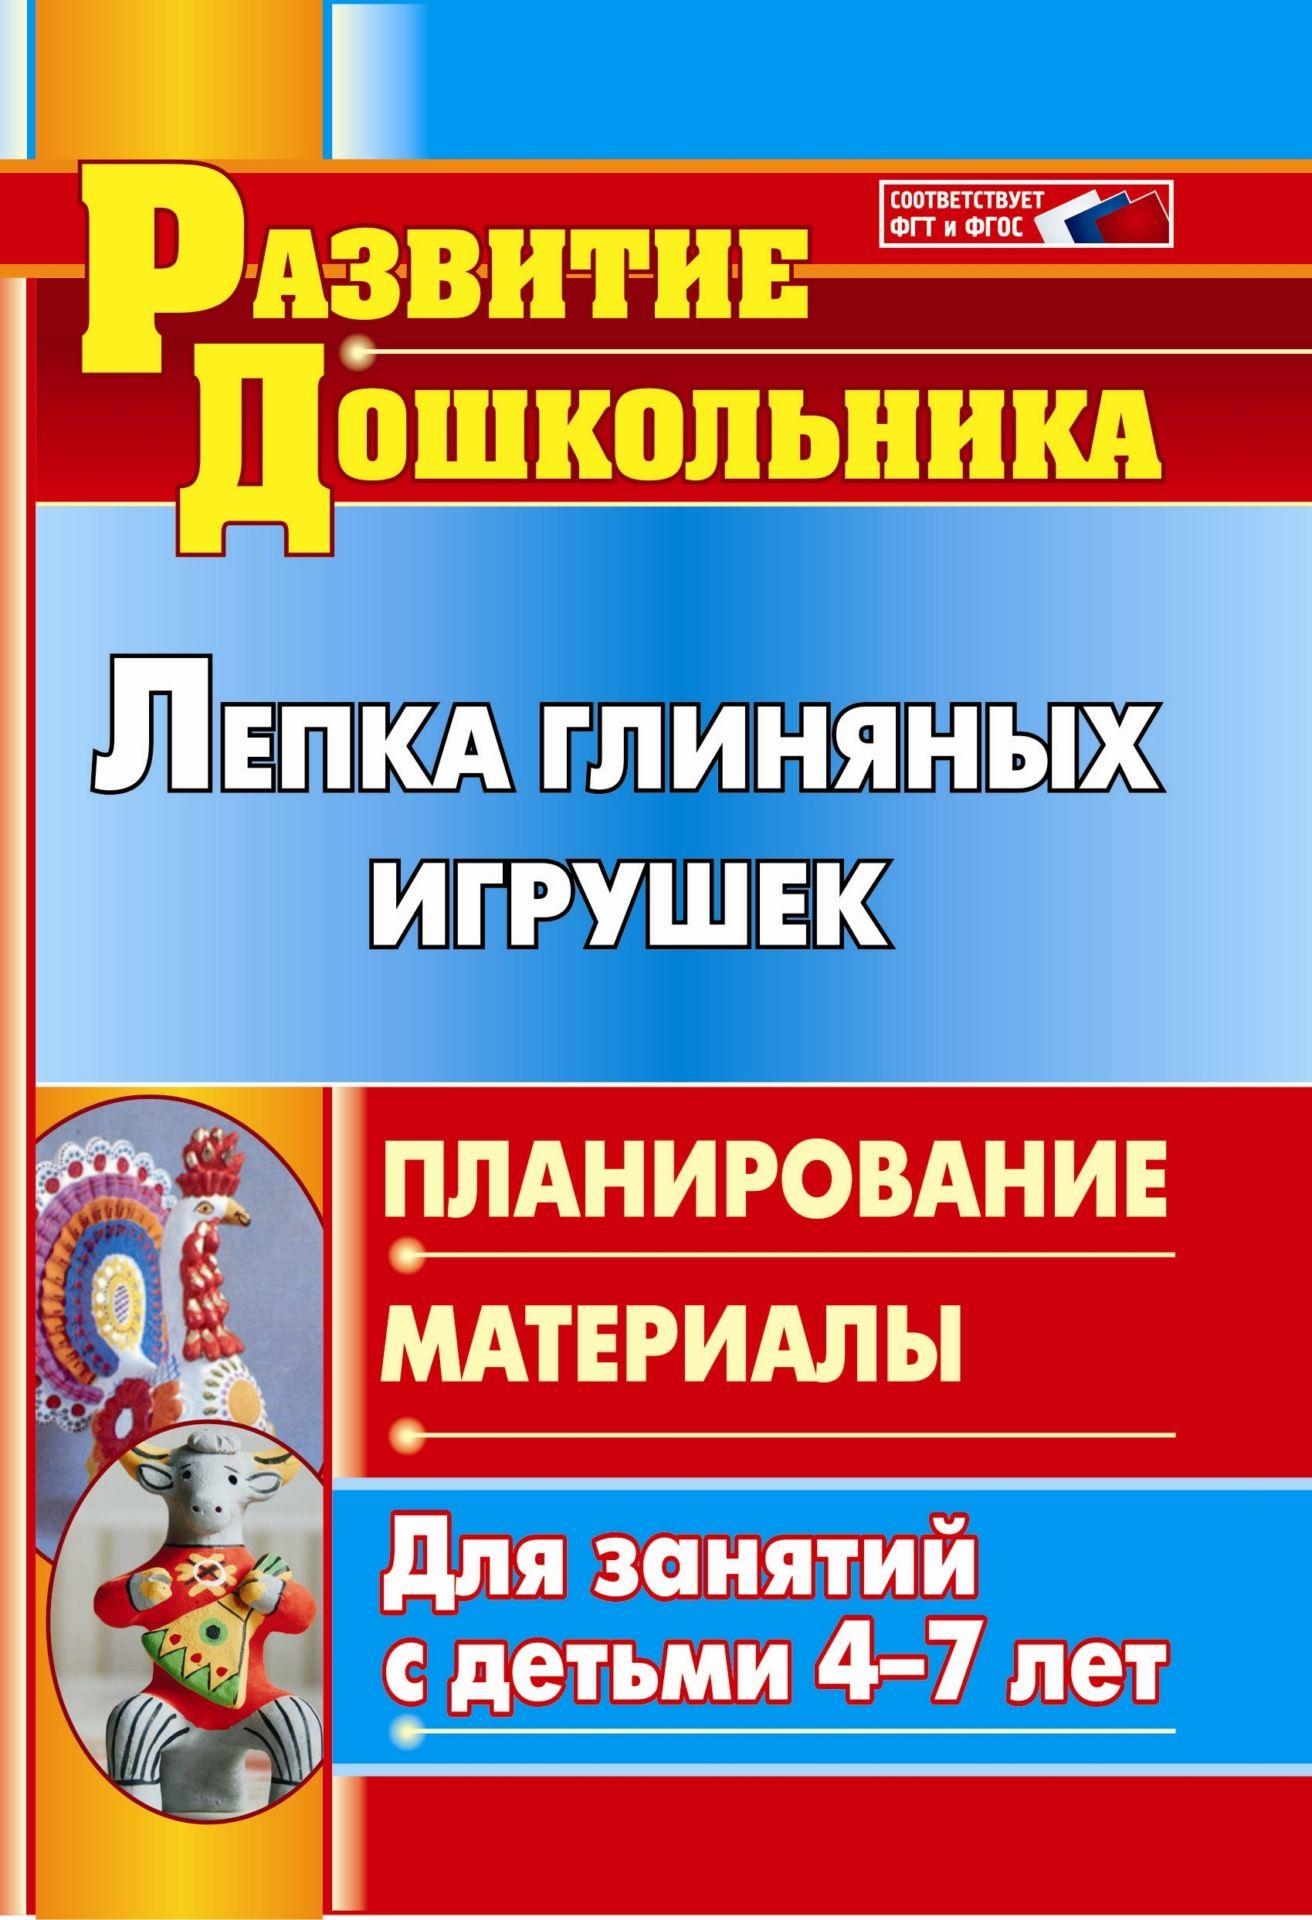 Лепка глиняных игрушек: планирование, материалы для занятий с детьми 4-7 лет